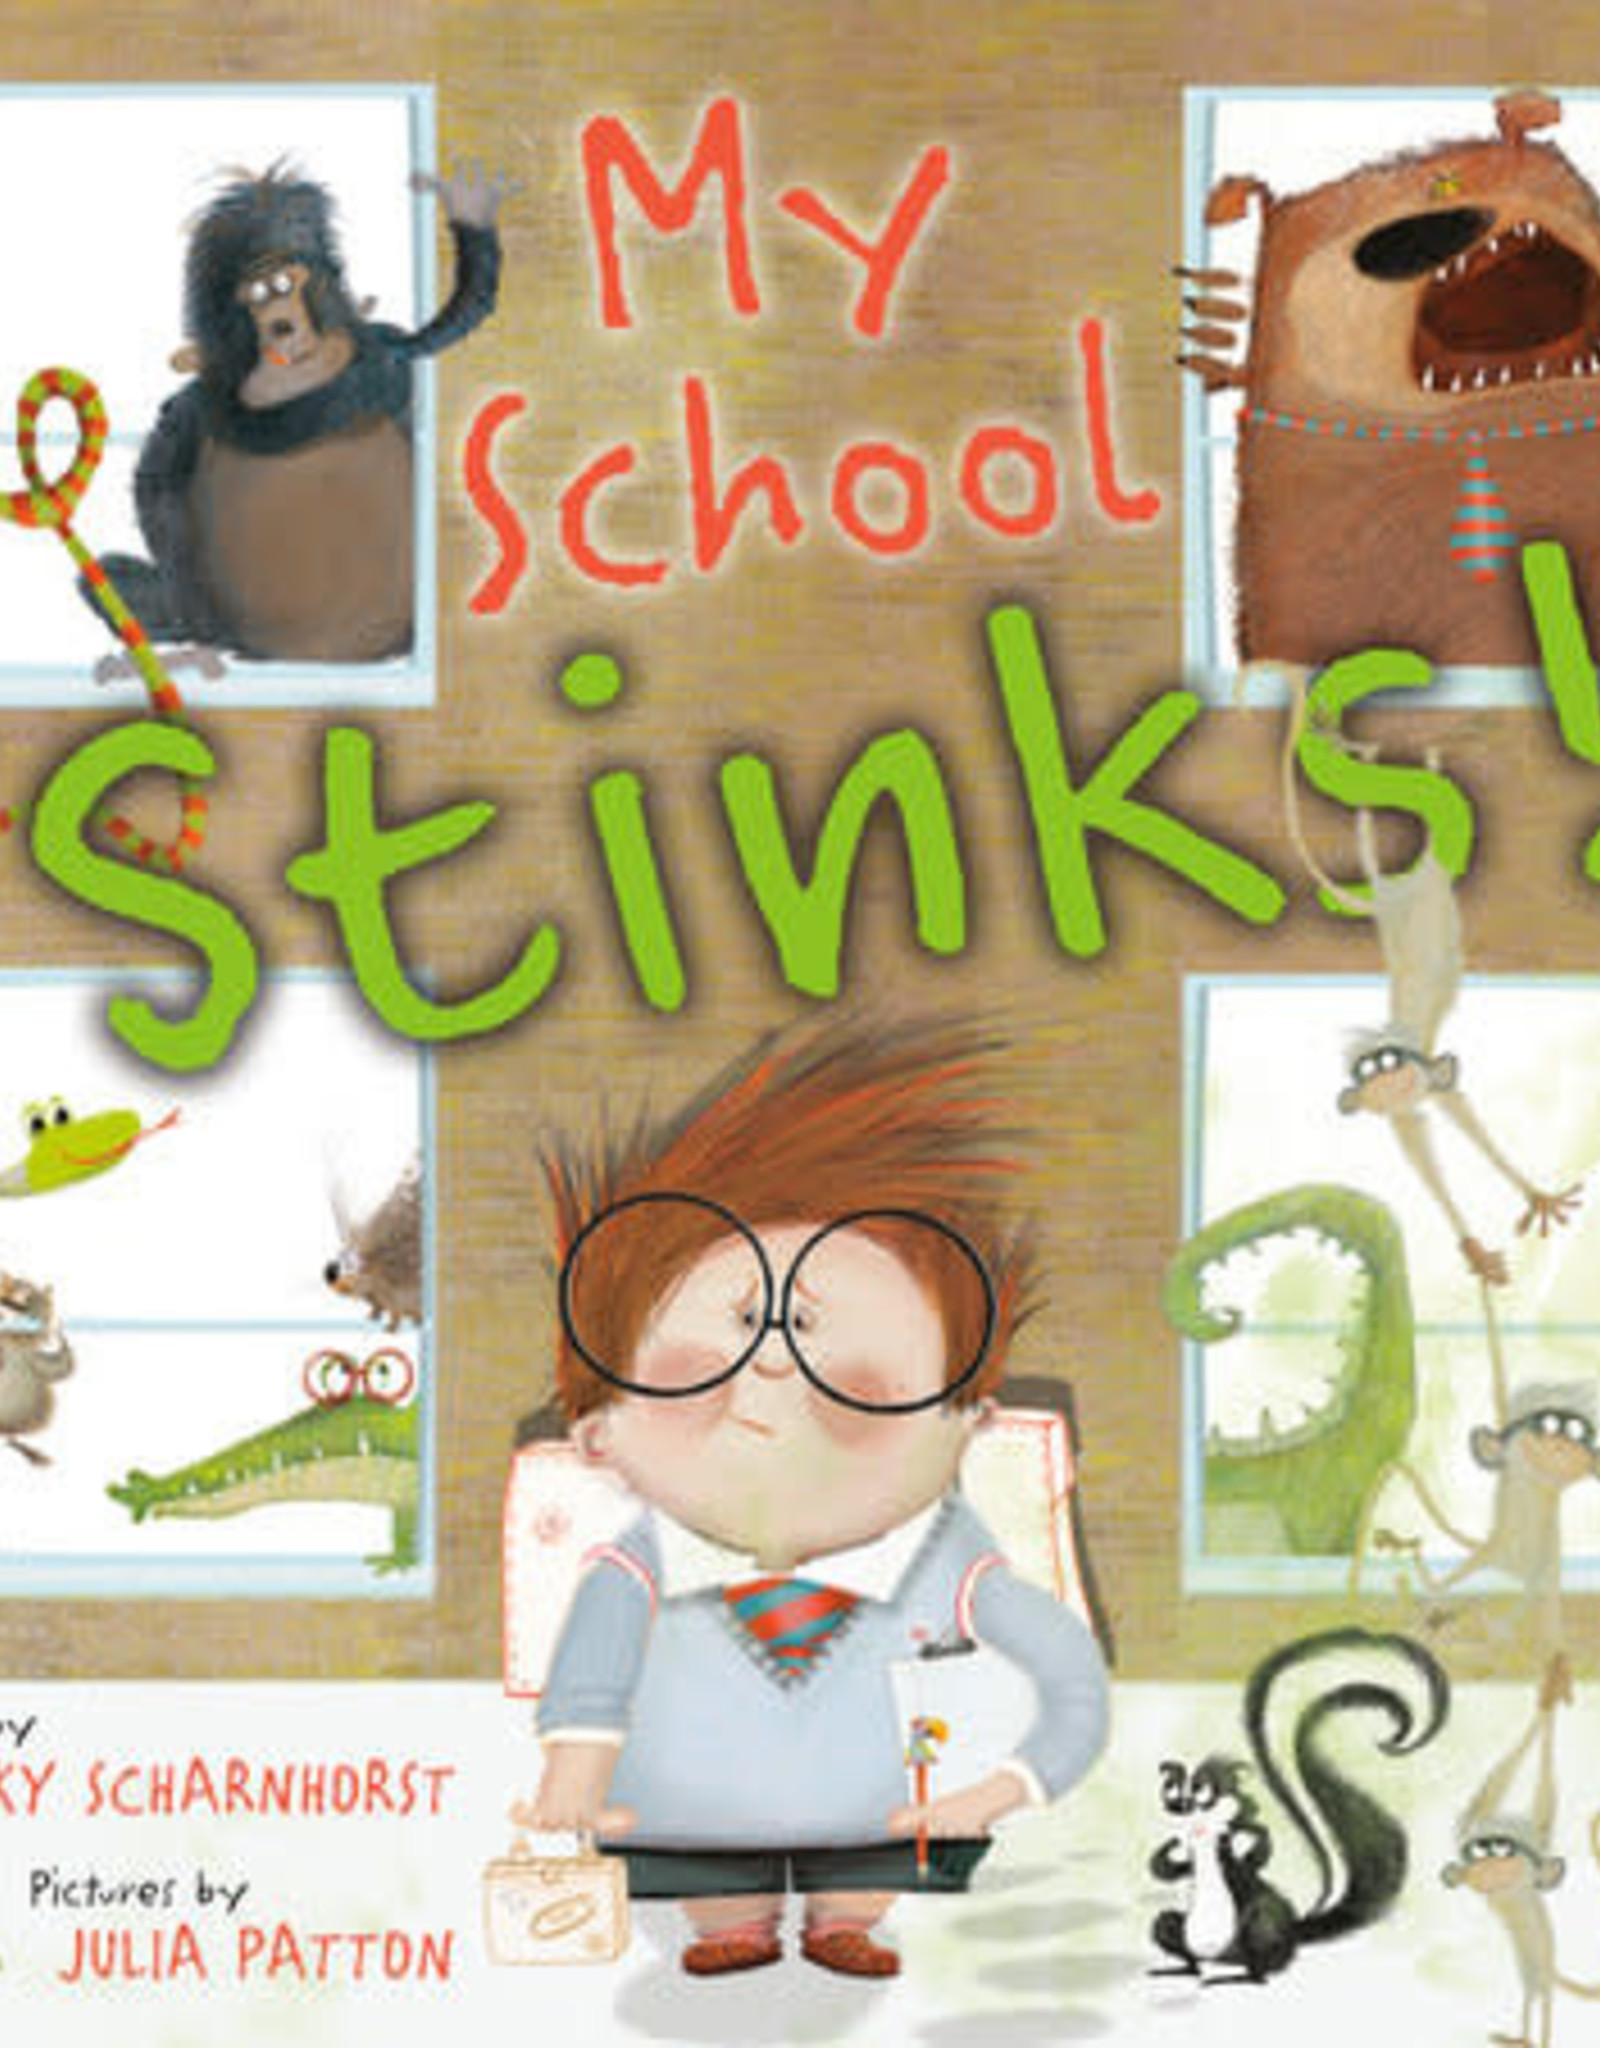 My School Stinks!